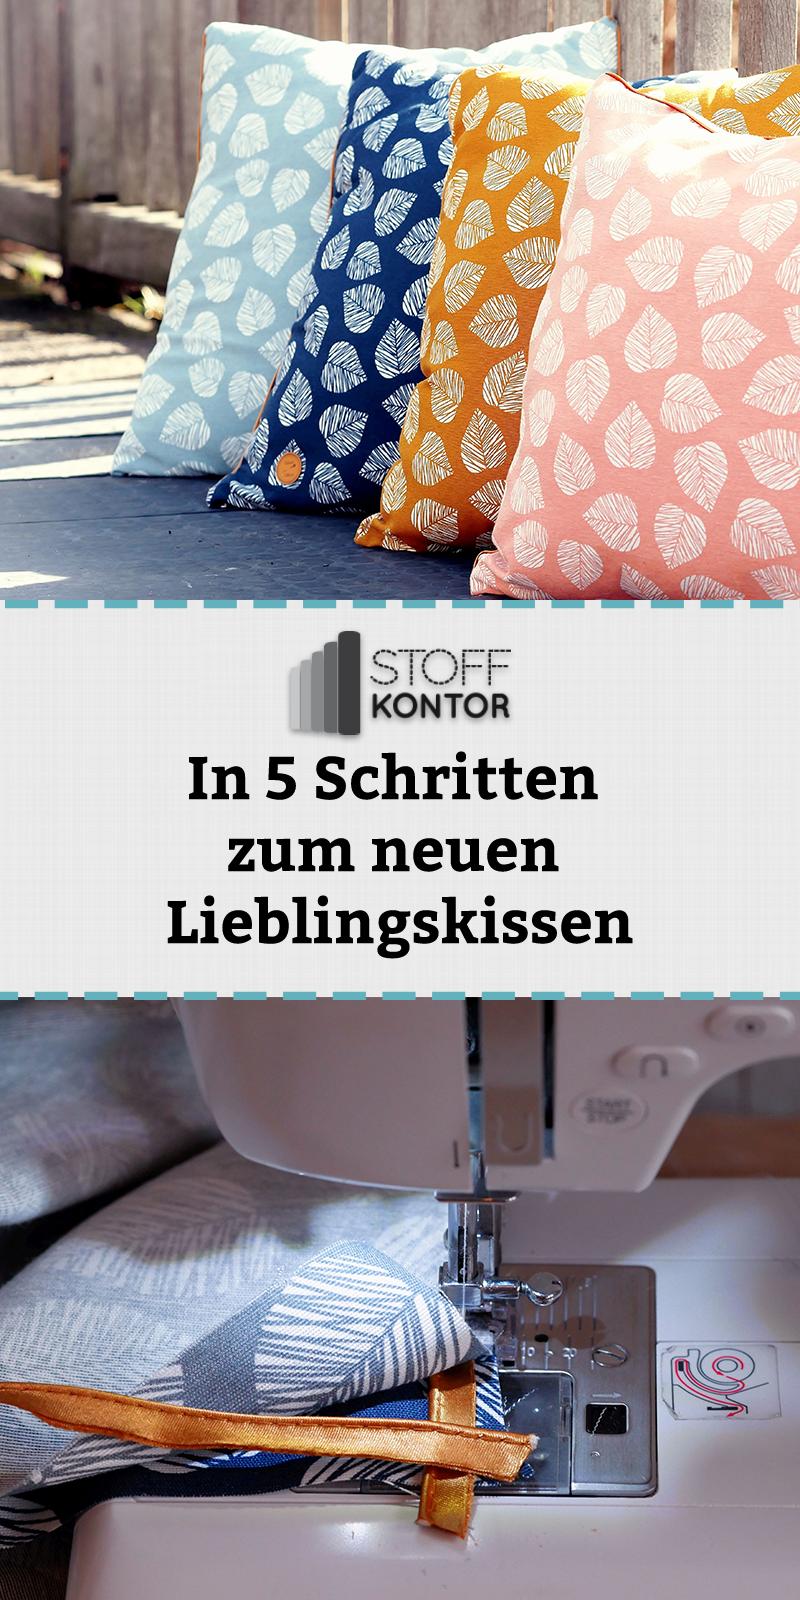 Photo of Nähe in 5 Schritten dein Sommerkissen mit verstecktem Reißverschluss